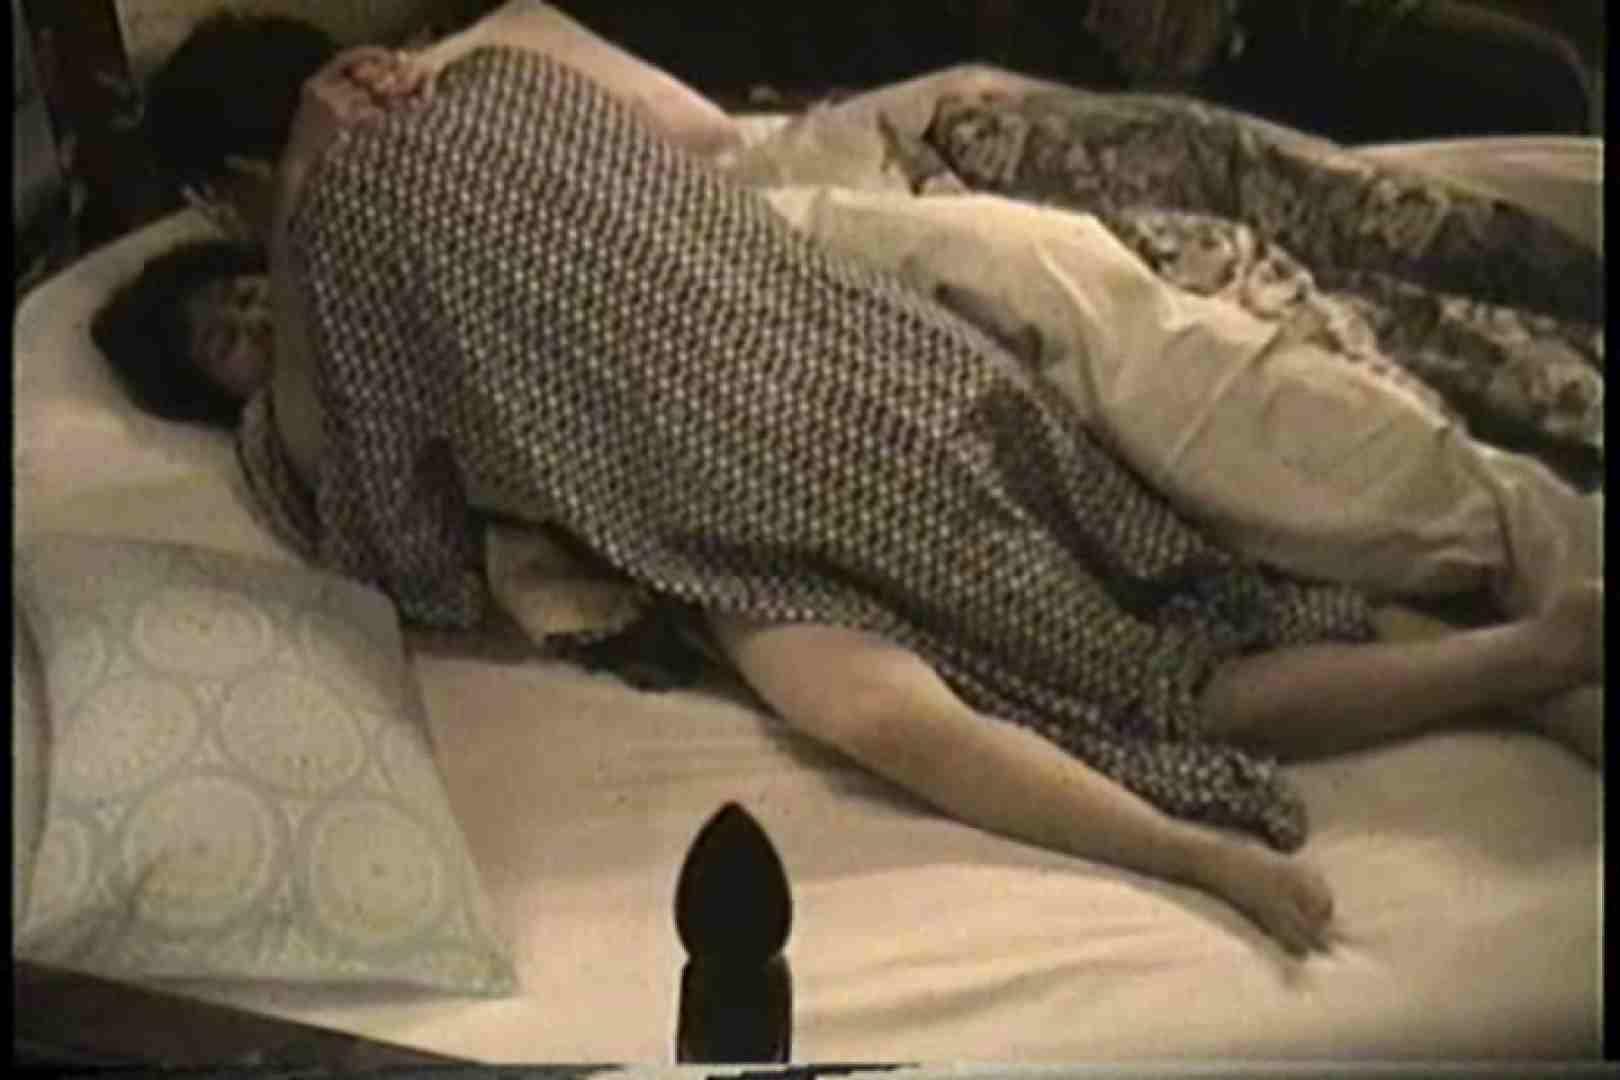 実録!ラブホテル~消し忘れ注意!昭和の色編~ vol.21 ホテル隠し撮り われめAV動画紹介 104pic 19